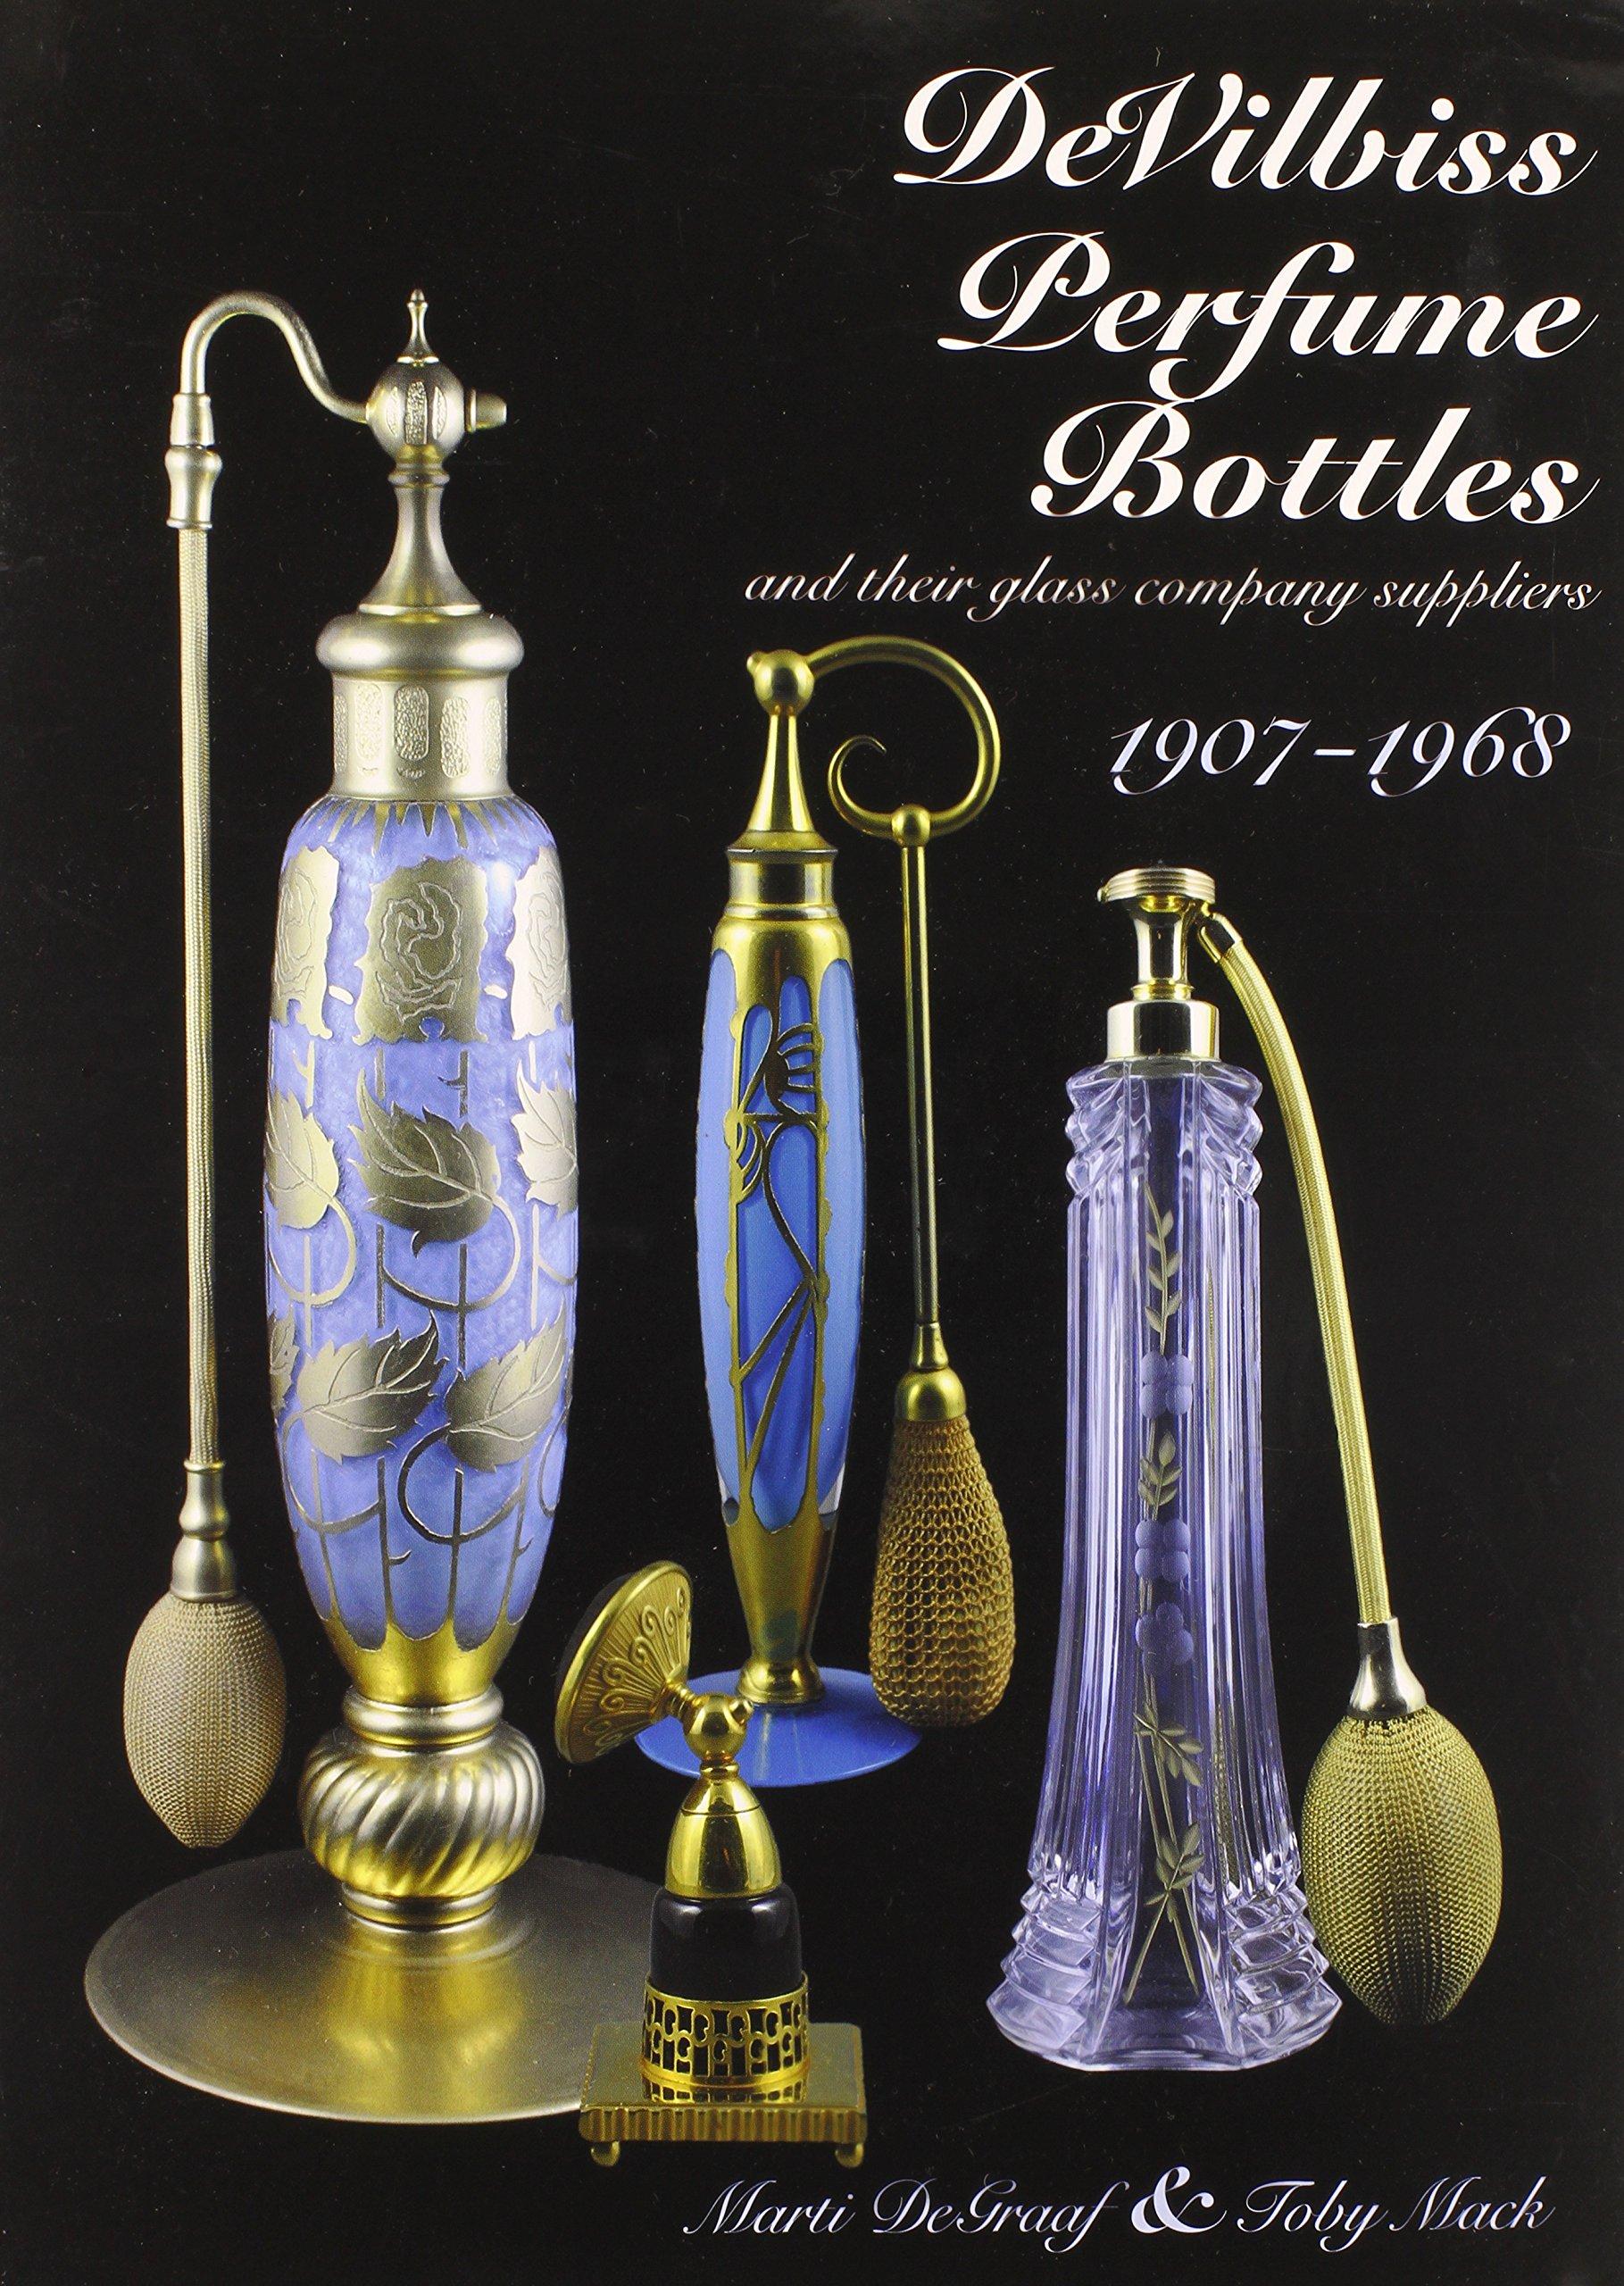 Devilbiss Perfume Bottles: 1907 to 1968